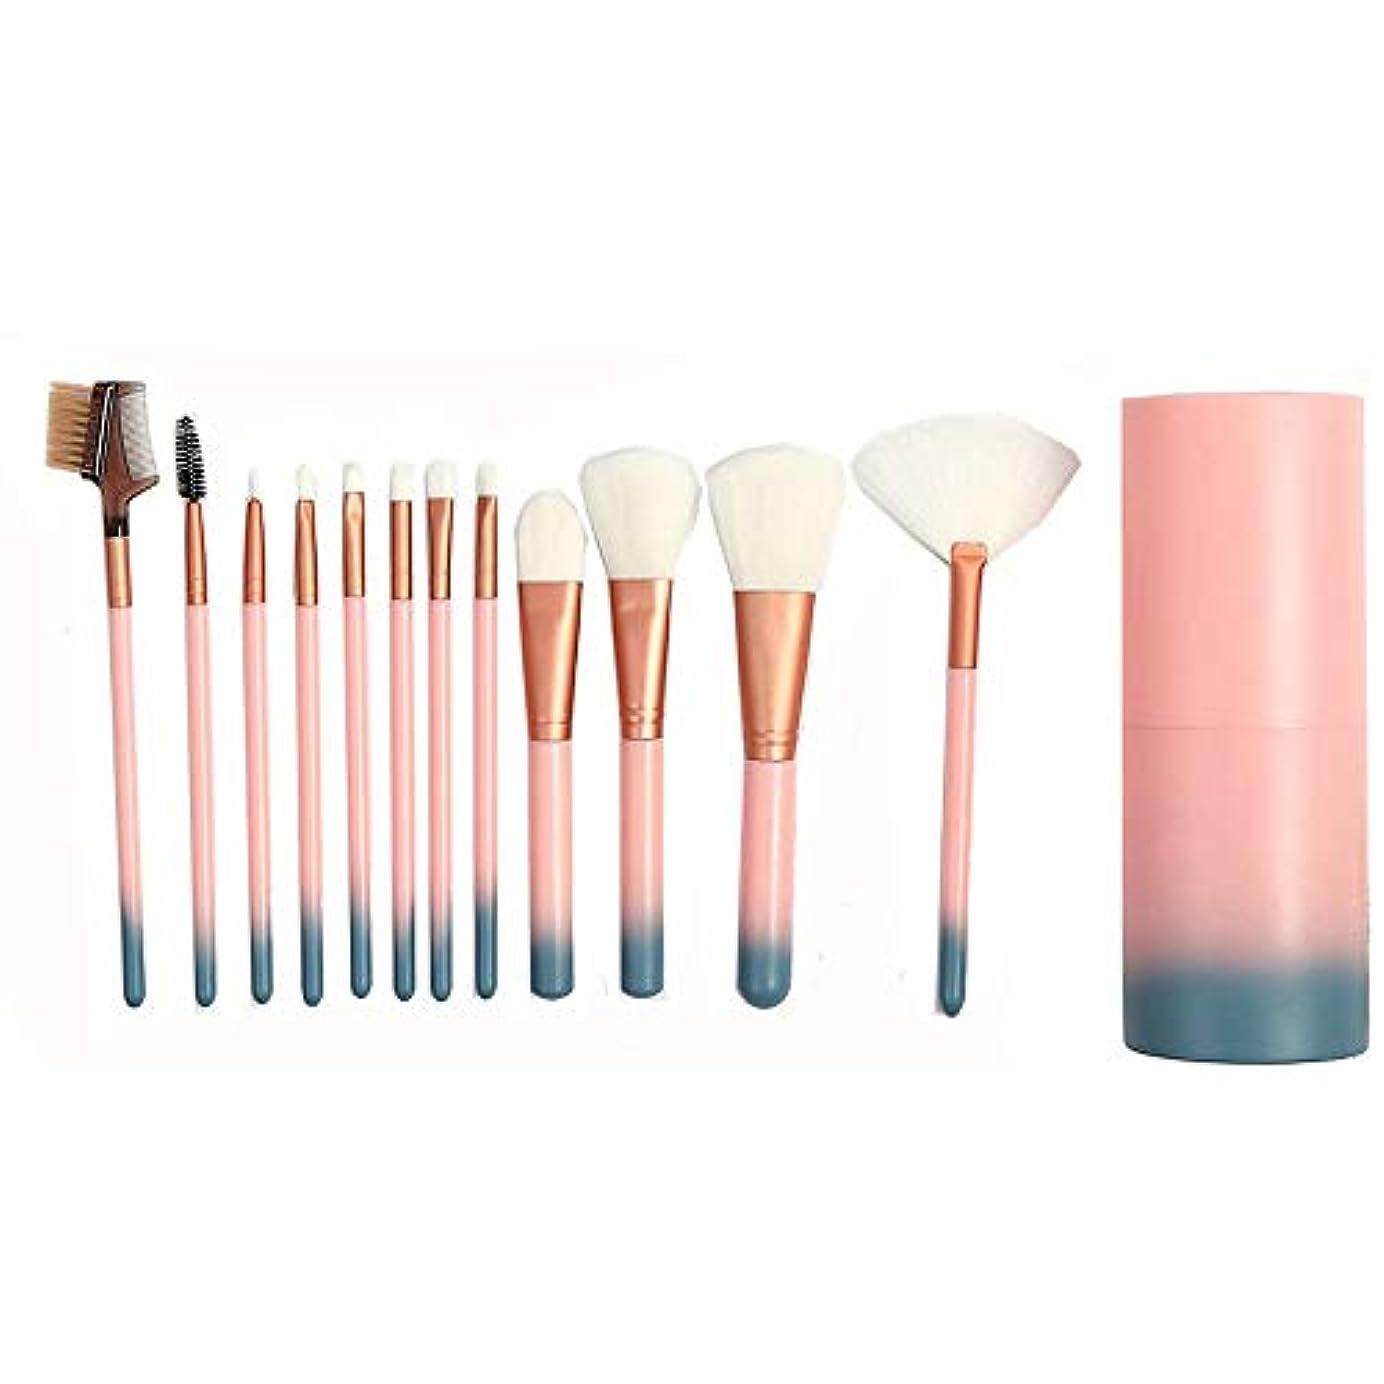 グロー明るいフライカイトメークブラシ 12本セット 化粧ブラシセット 人気 化粧筆 高品質 柔らかい コスメ ブラシ 収納ケース付き 旅行と贈り物に最適